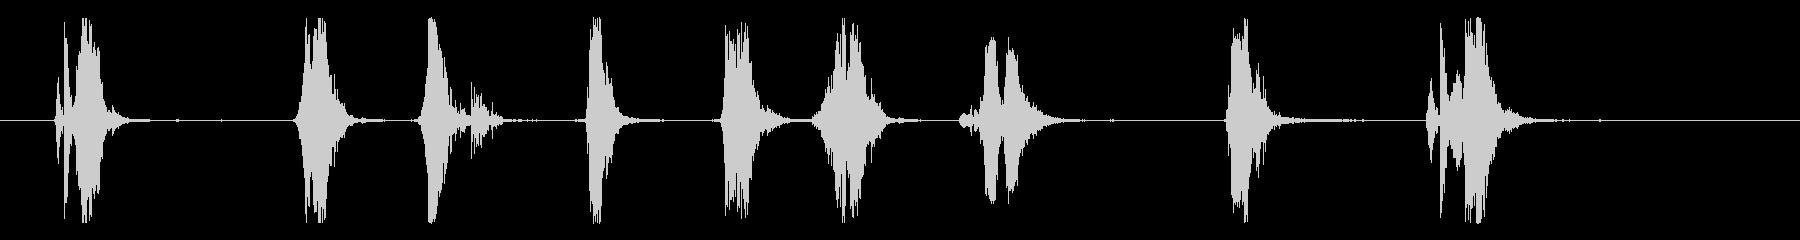 ソードファイト;メタルブレードウー...の未再生の波形